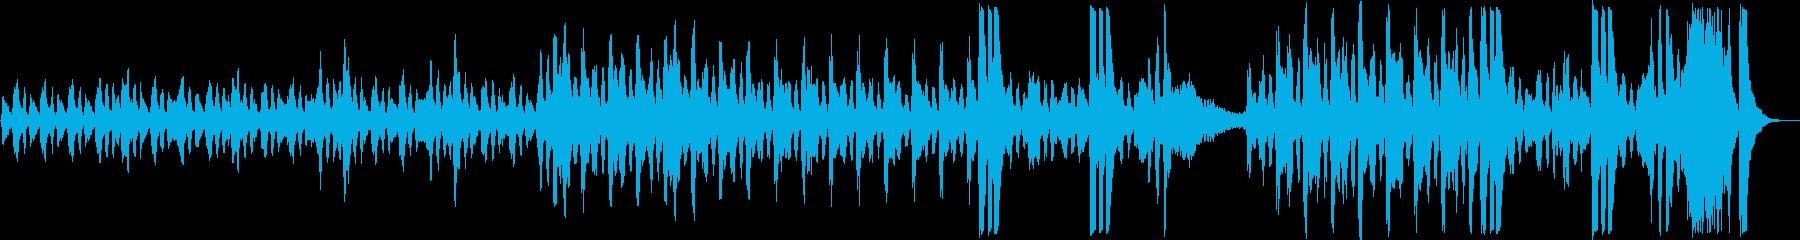 カルメン第2組曲よりハバネラ/ビゼーの再生済みの波形